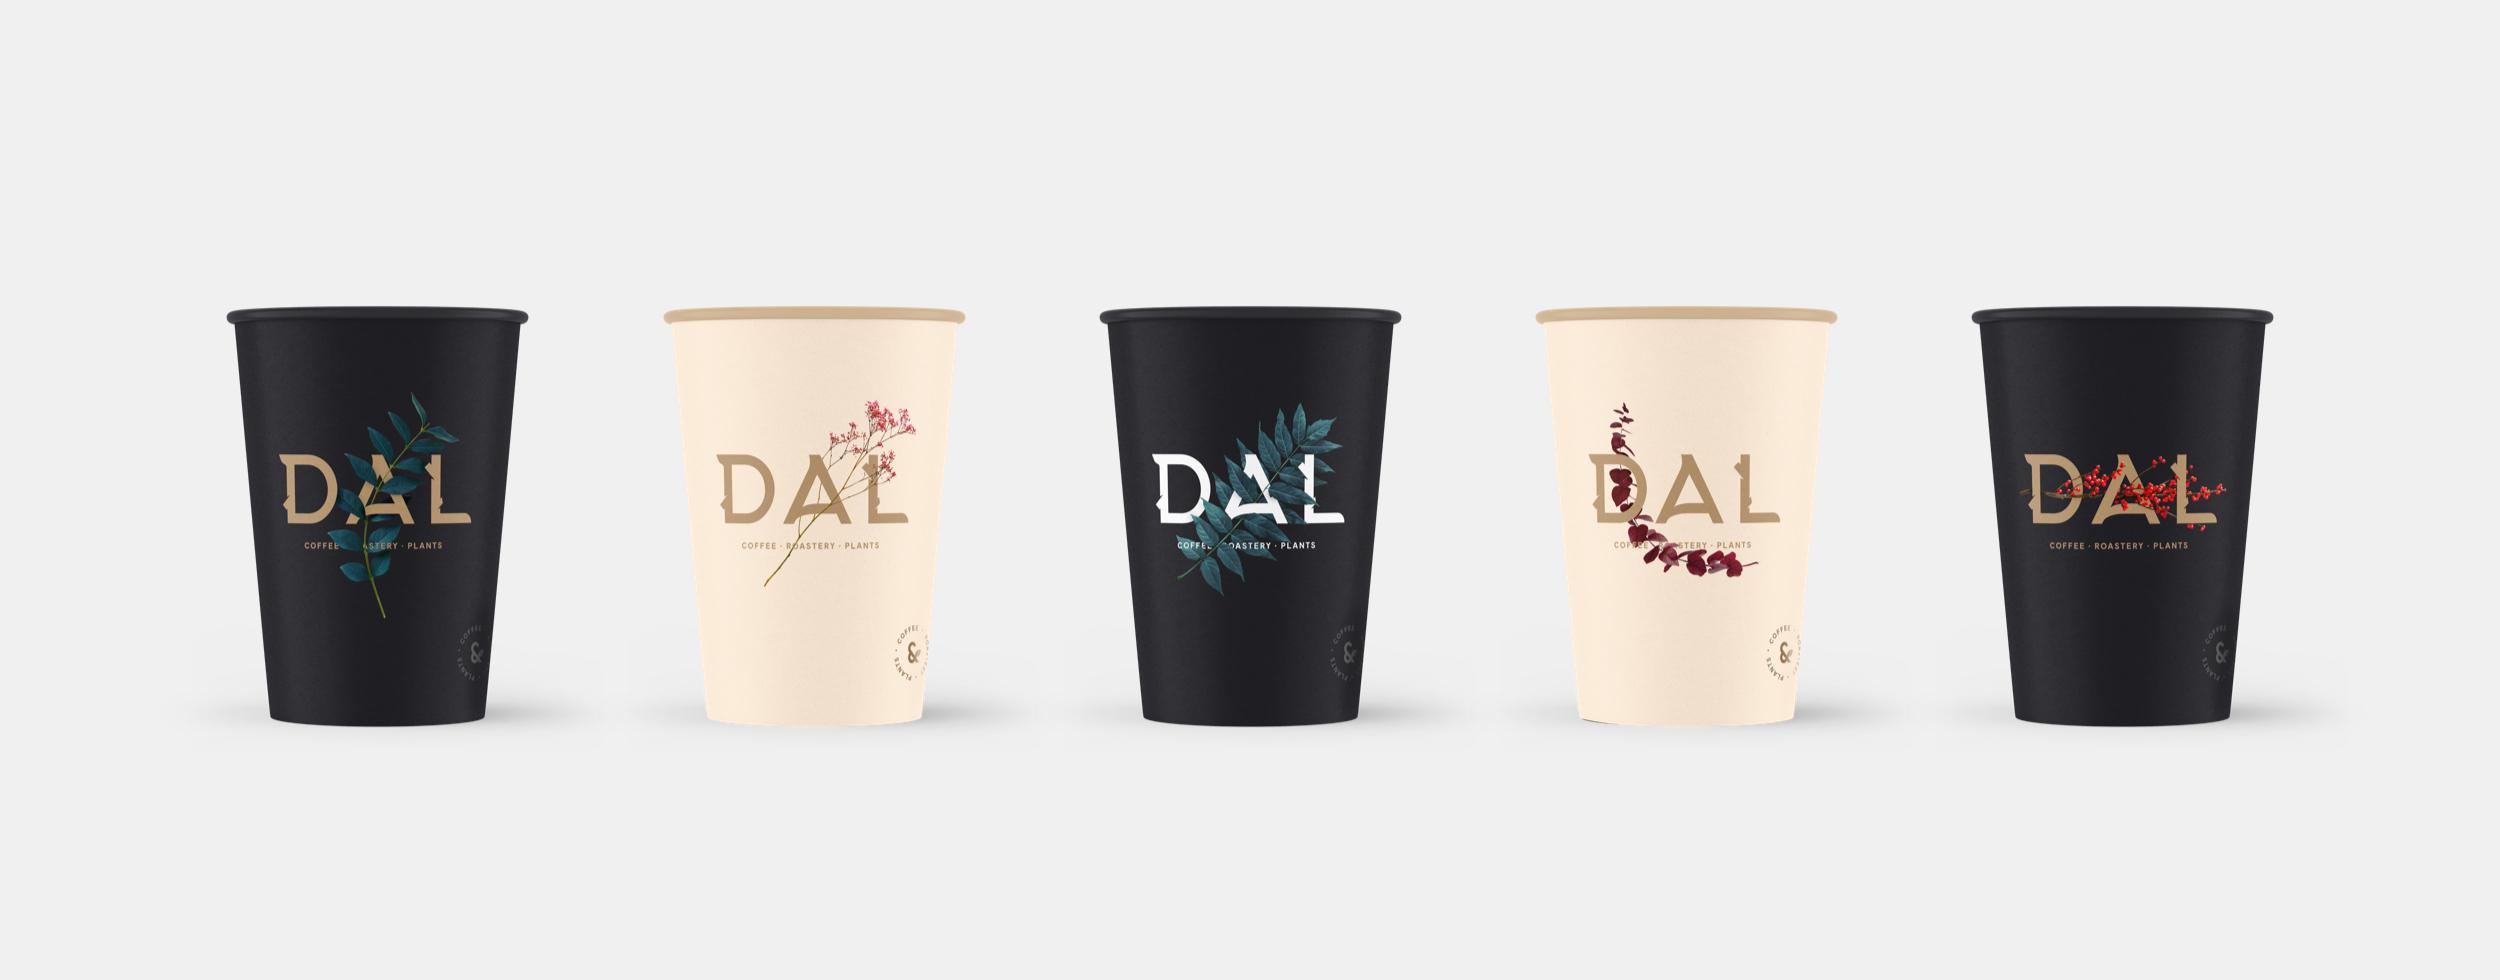 DAL-COFFEE-GOKTENTUT-5